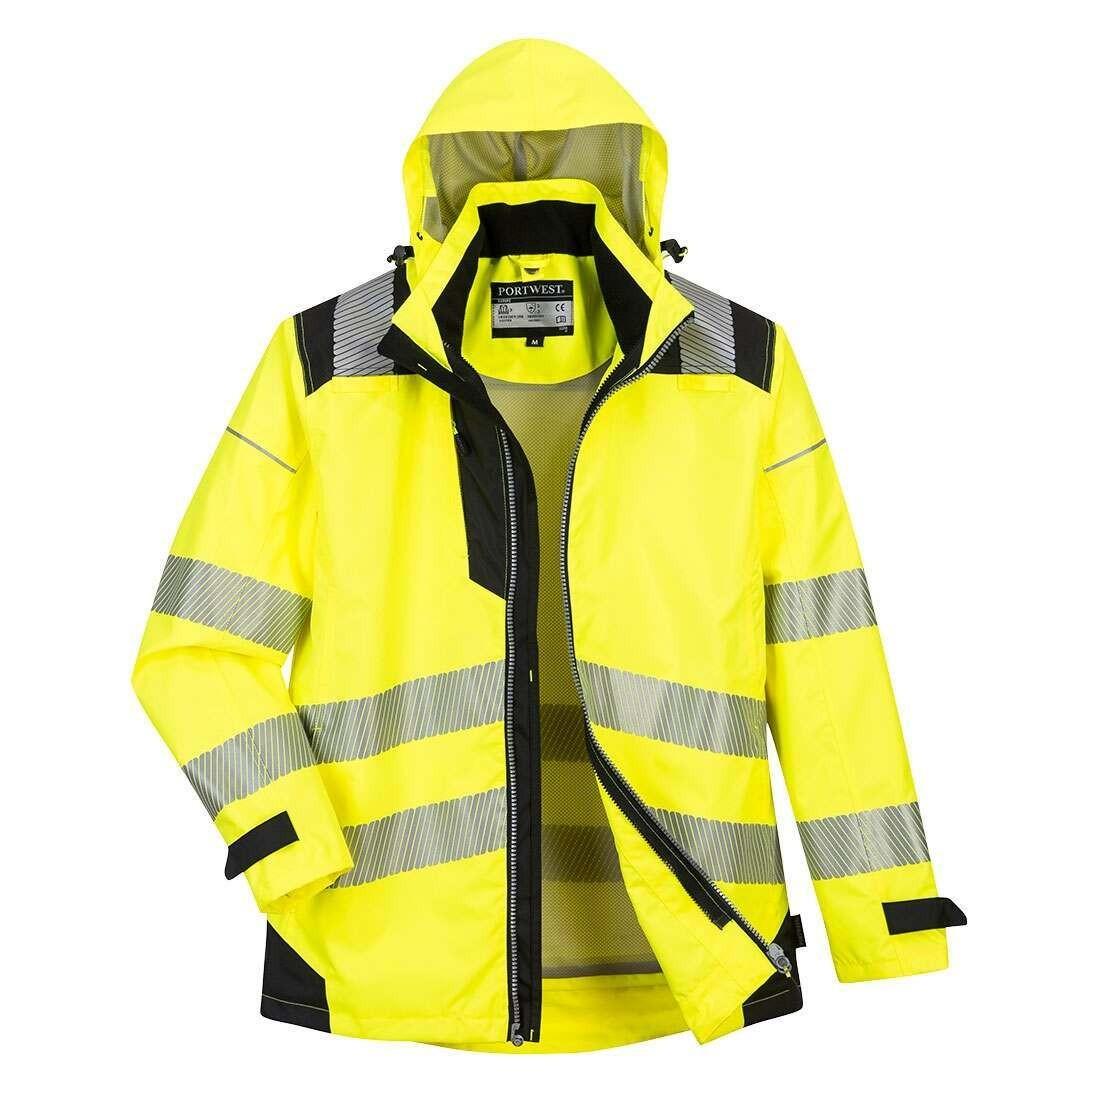 PW3 Hi-Vis 3-in-1 Jacket